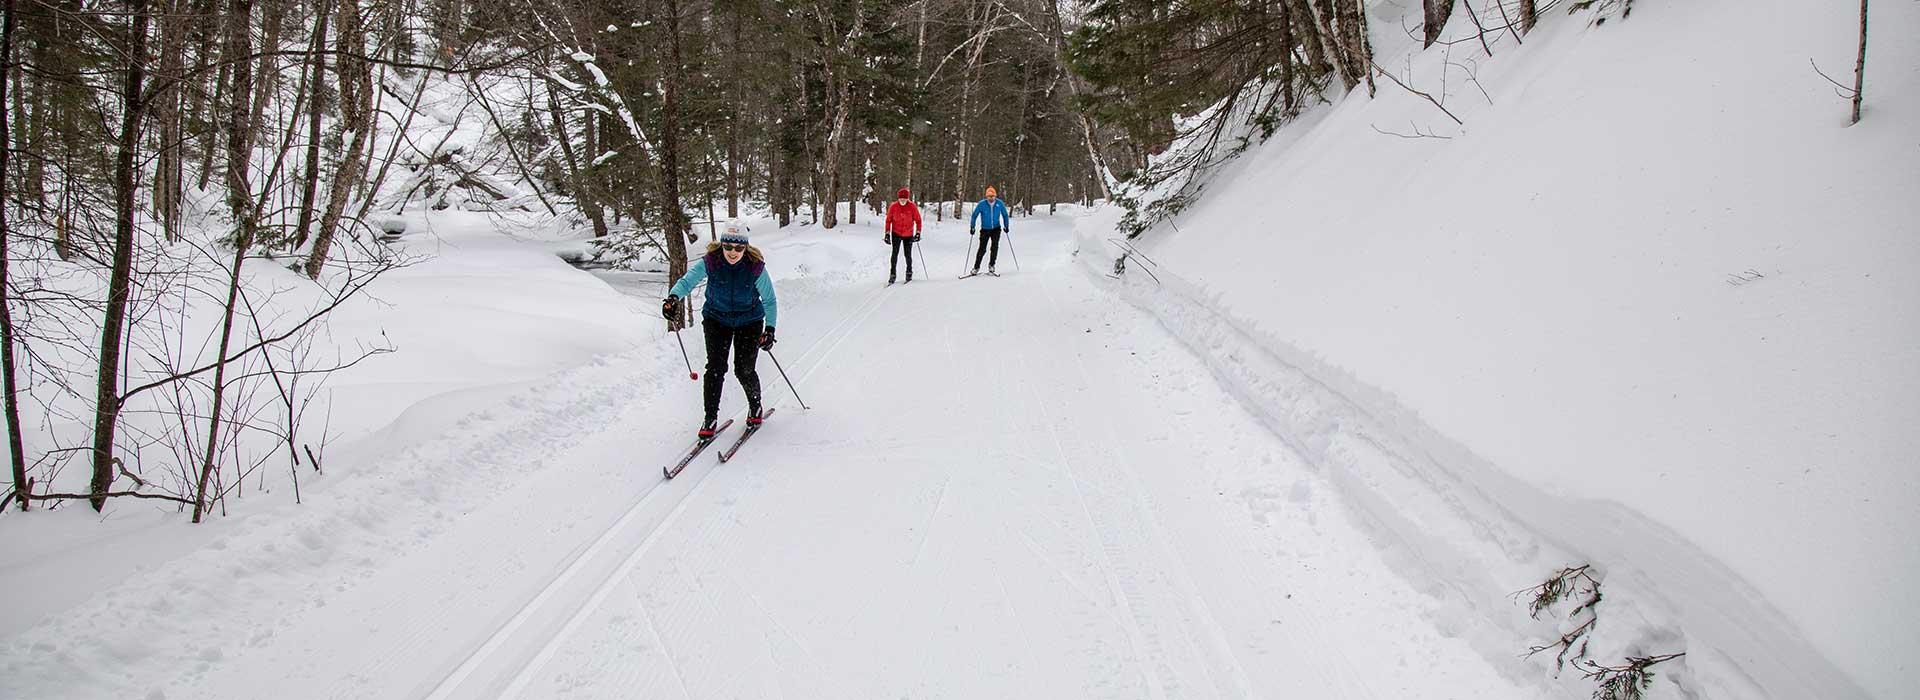 ski-snowshoe-image